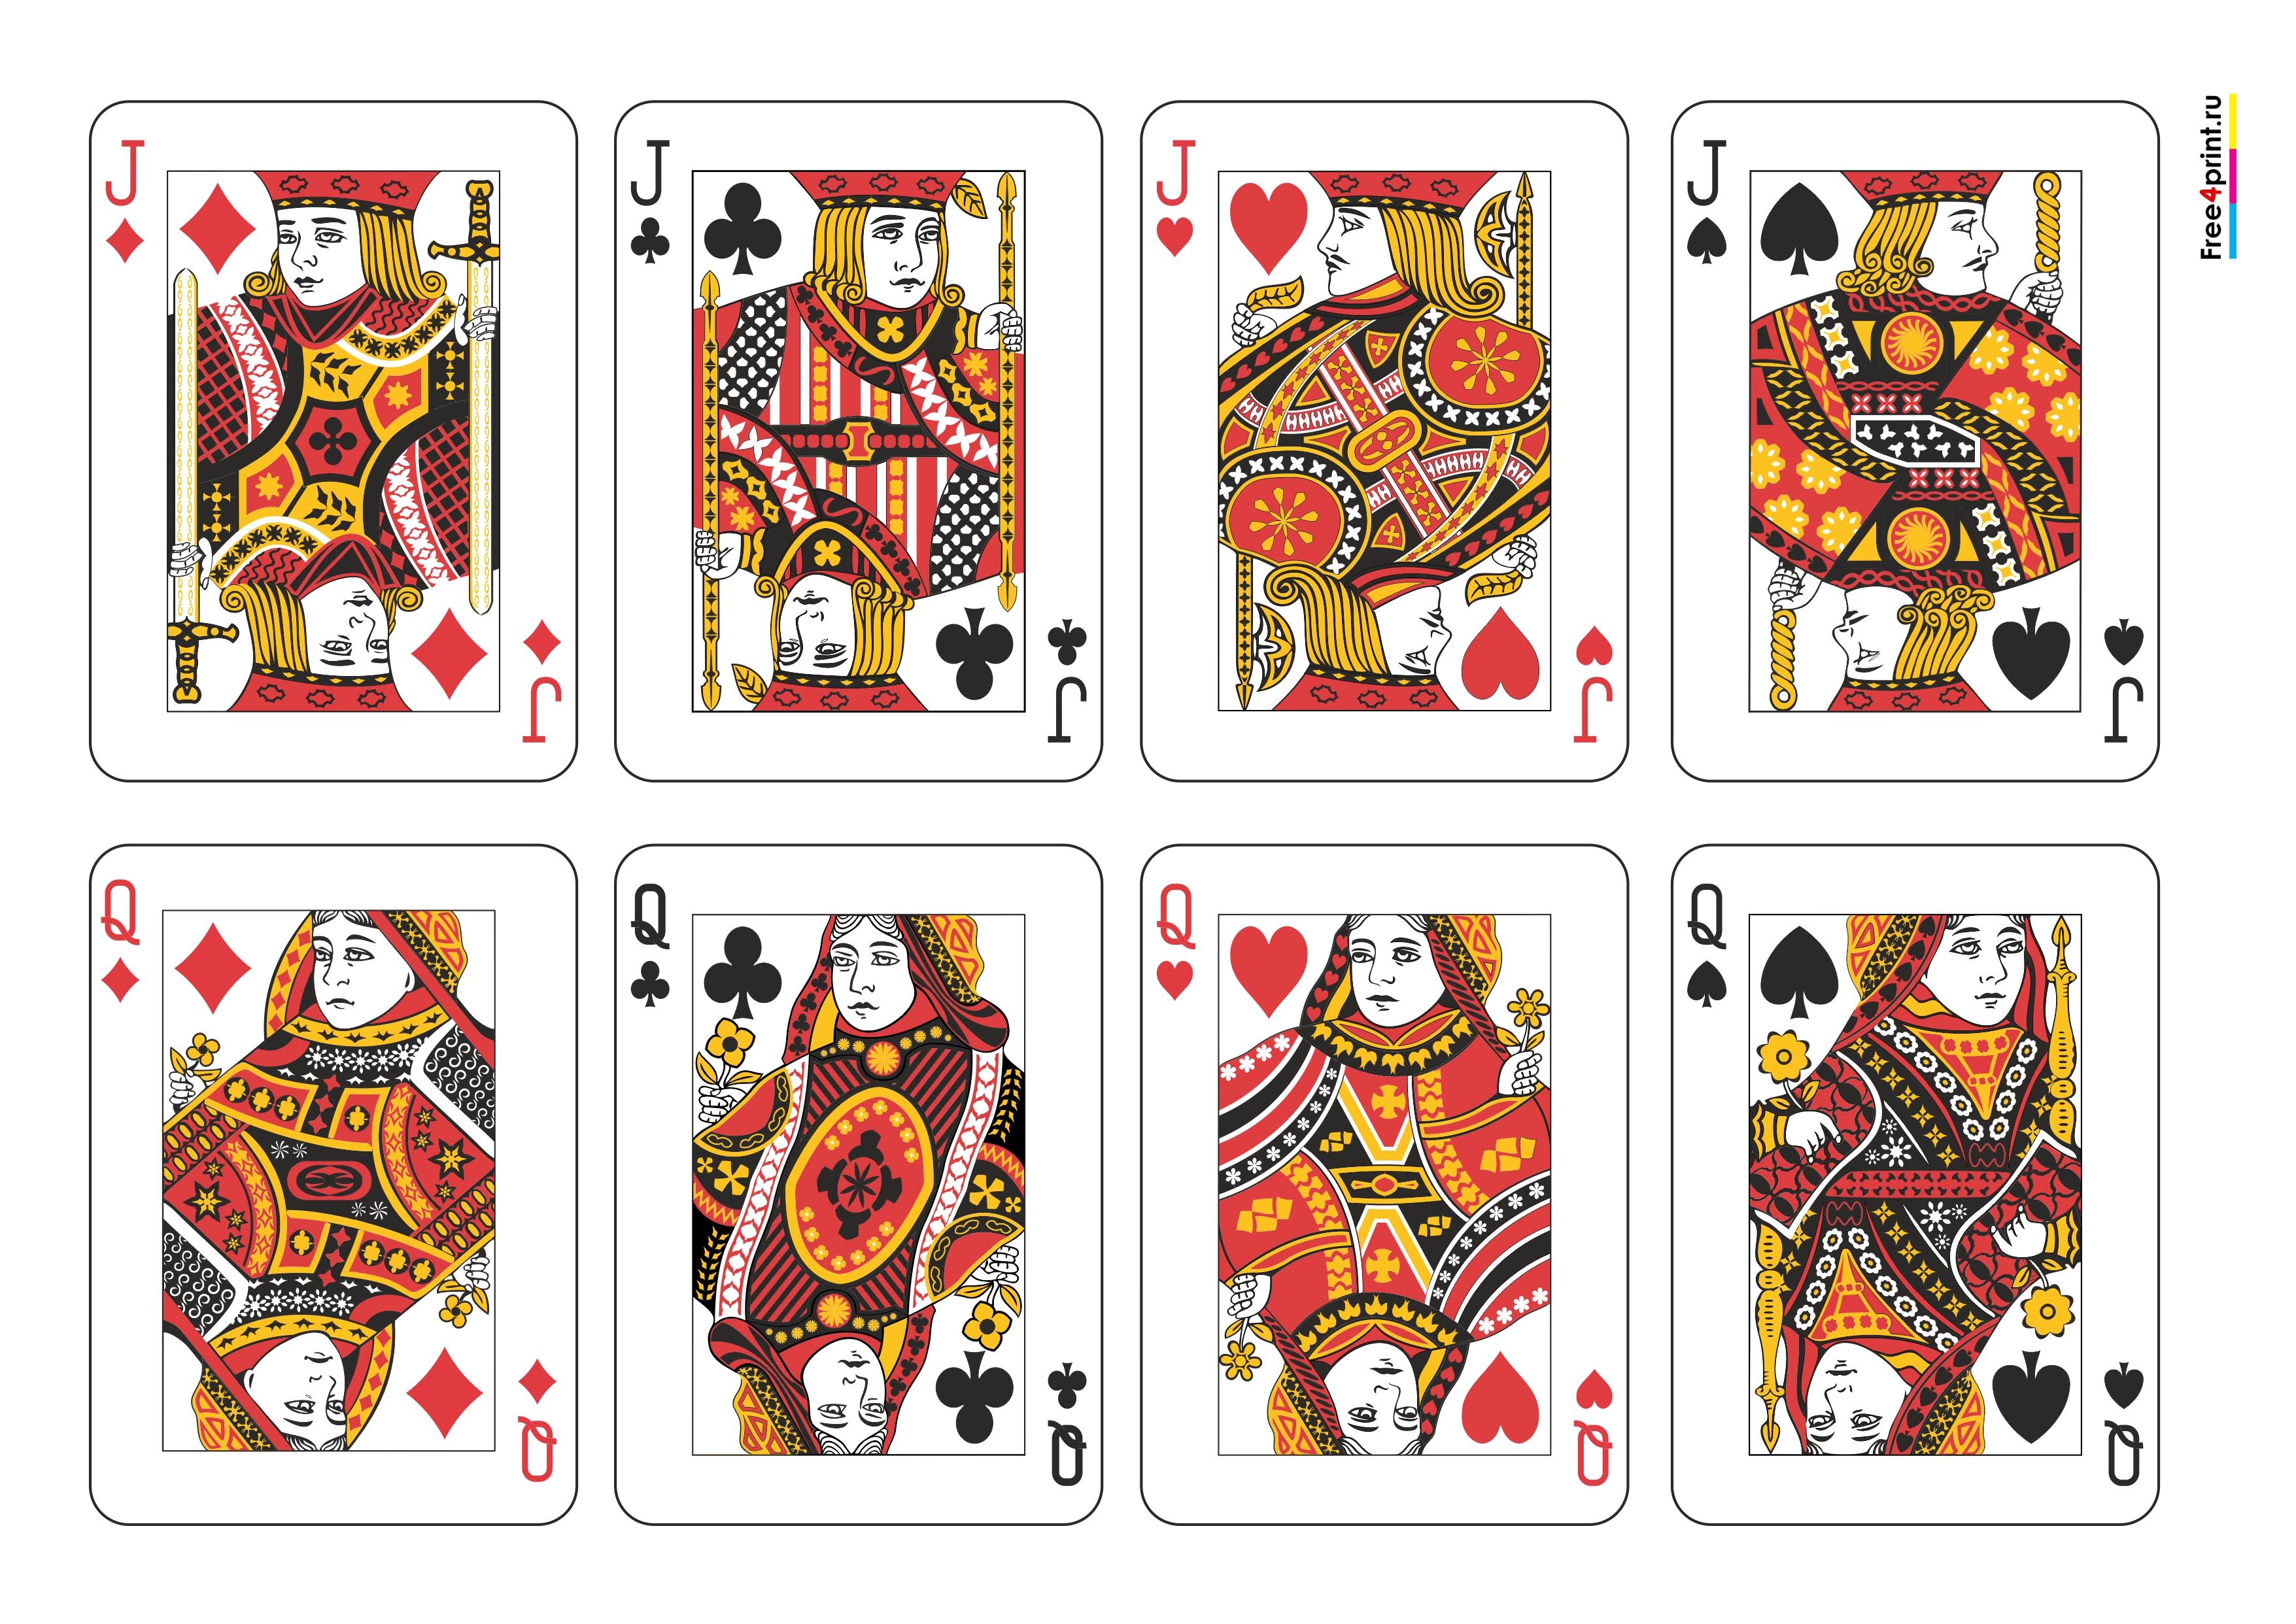 карты игральные карты фото